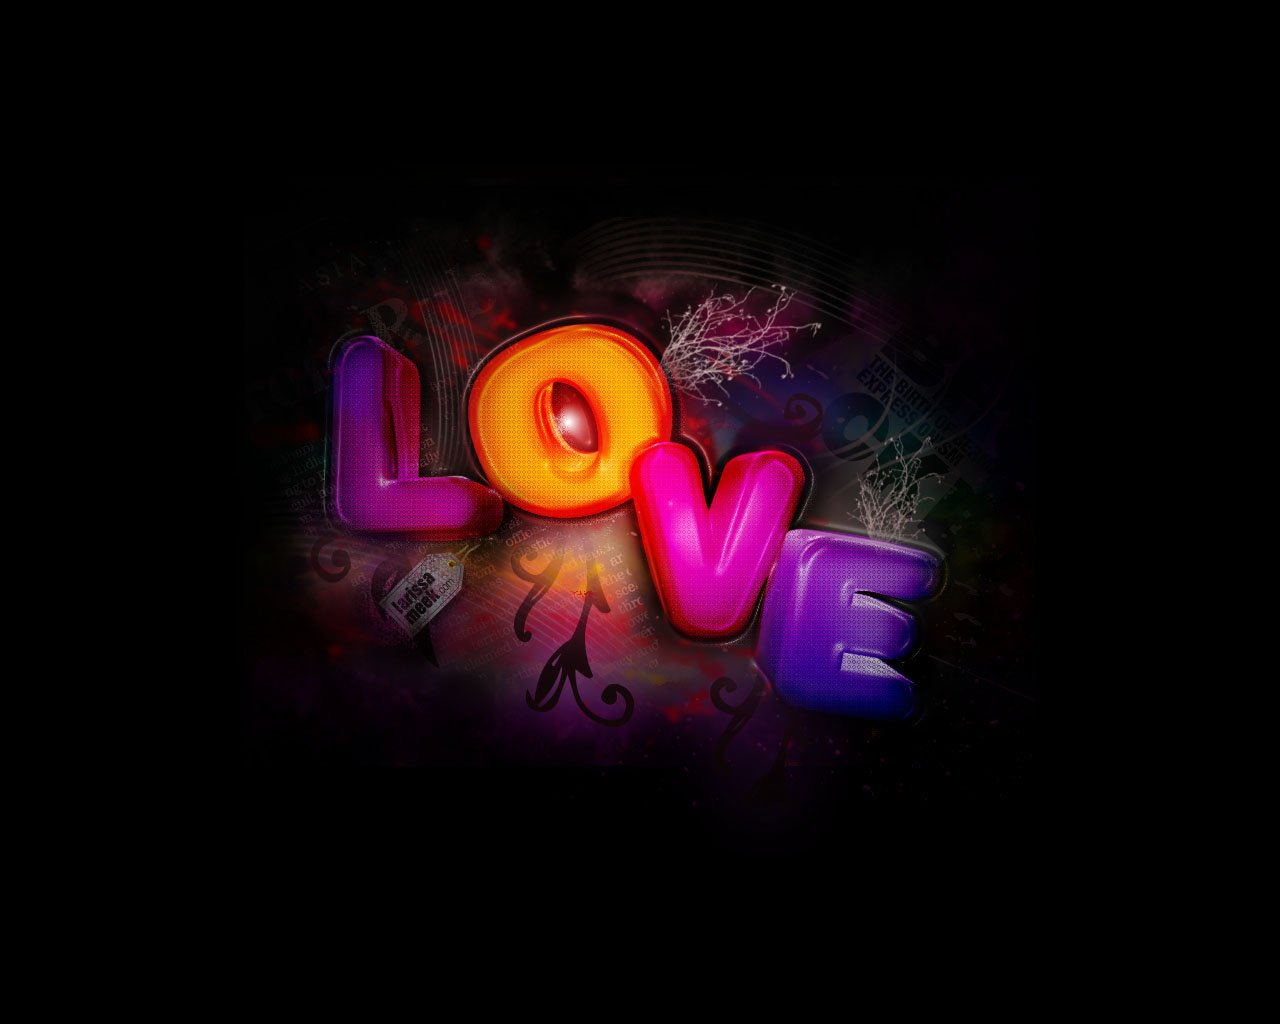 Hd love wallpapers for laptop wallpapersafari - Love f wallpaper hd download ...